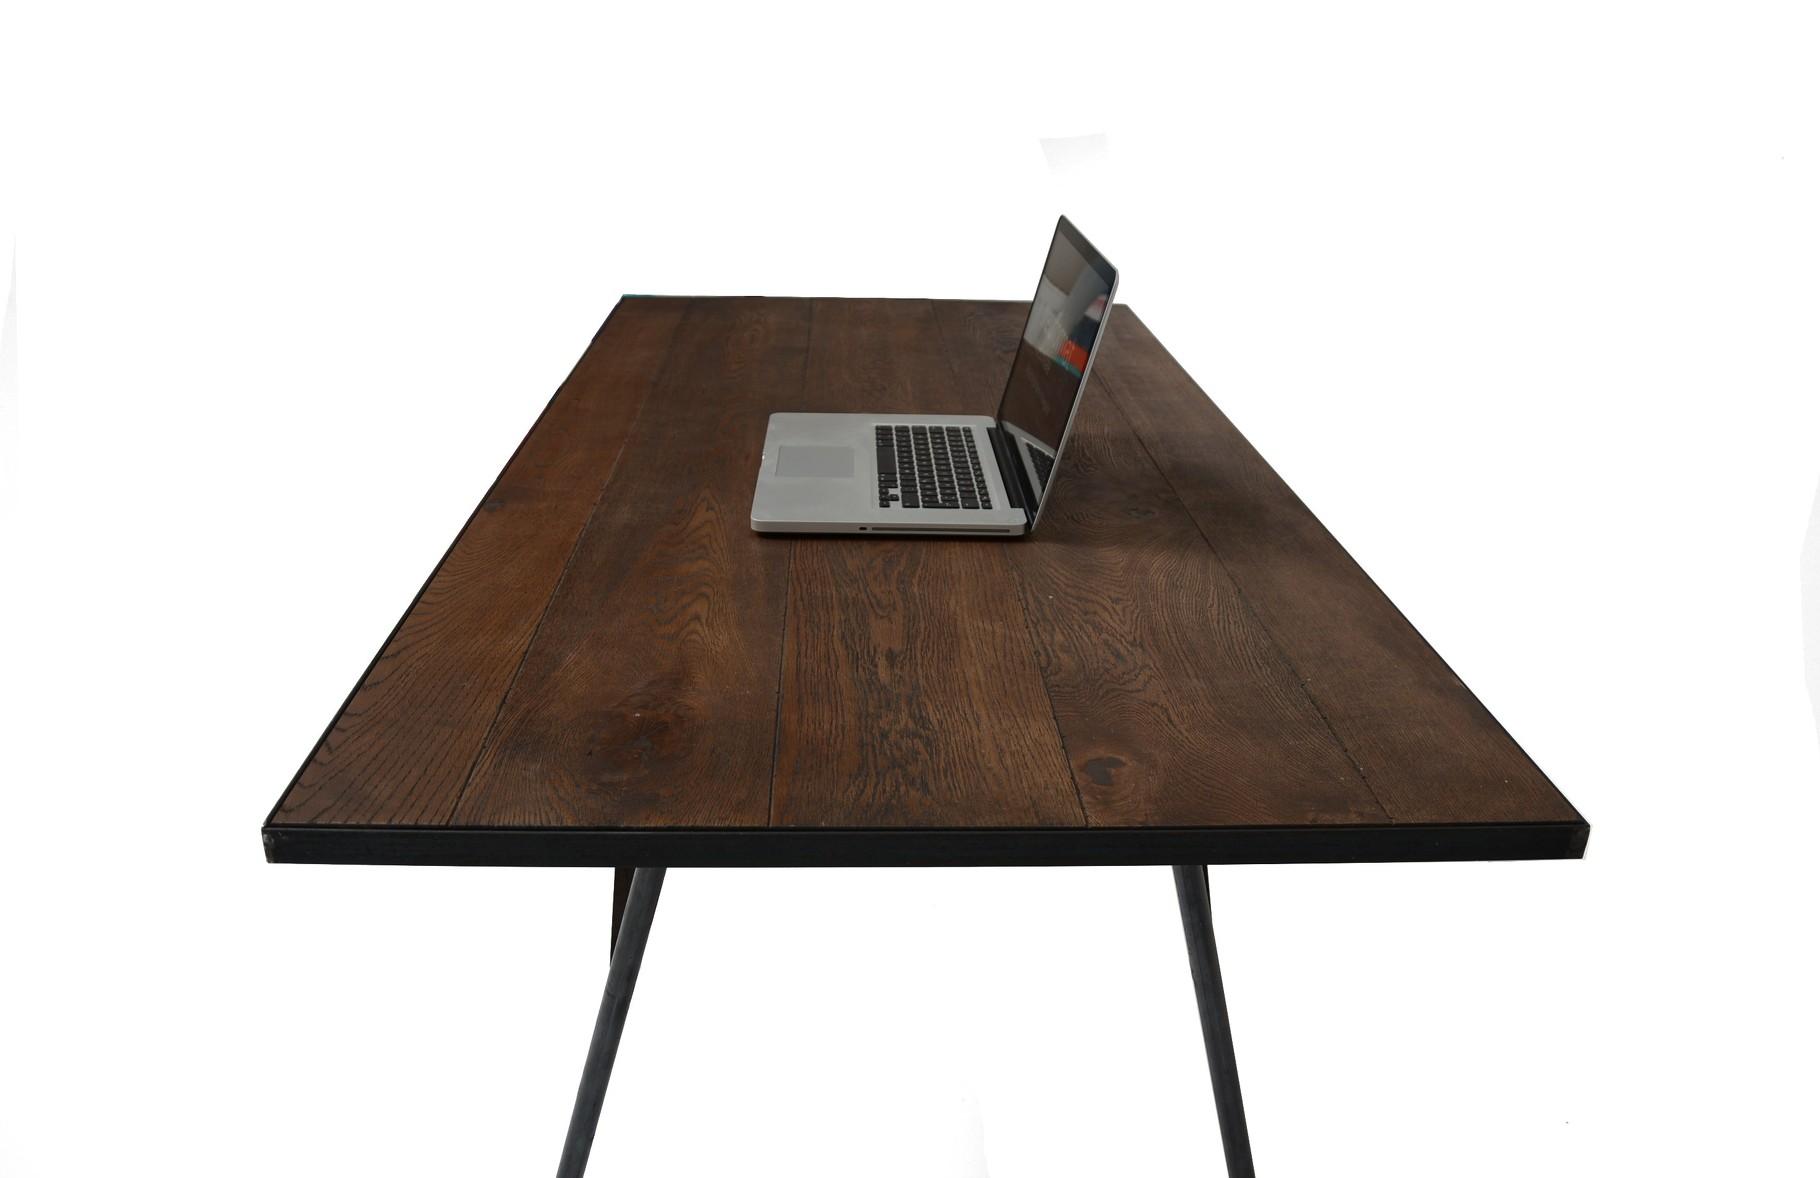 Schreibtisch rustikal ansehen neuformat m beldesign for Schreibtisch rustikal